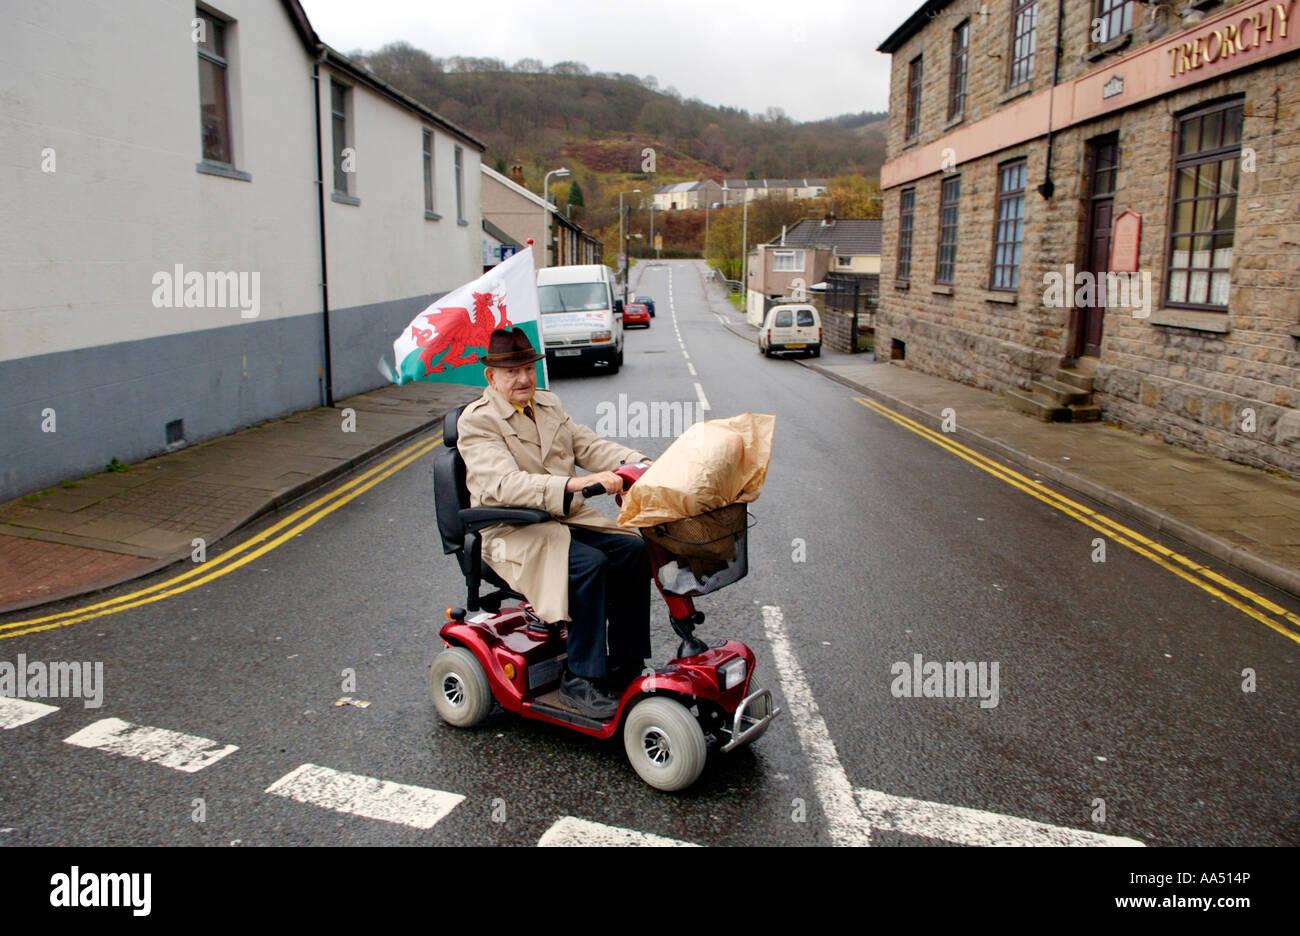 Elderly man on mobility scooter flying red dragon flag for Motorized cart for seniors